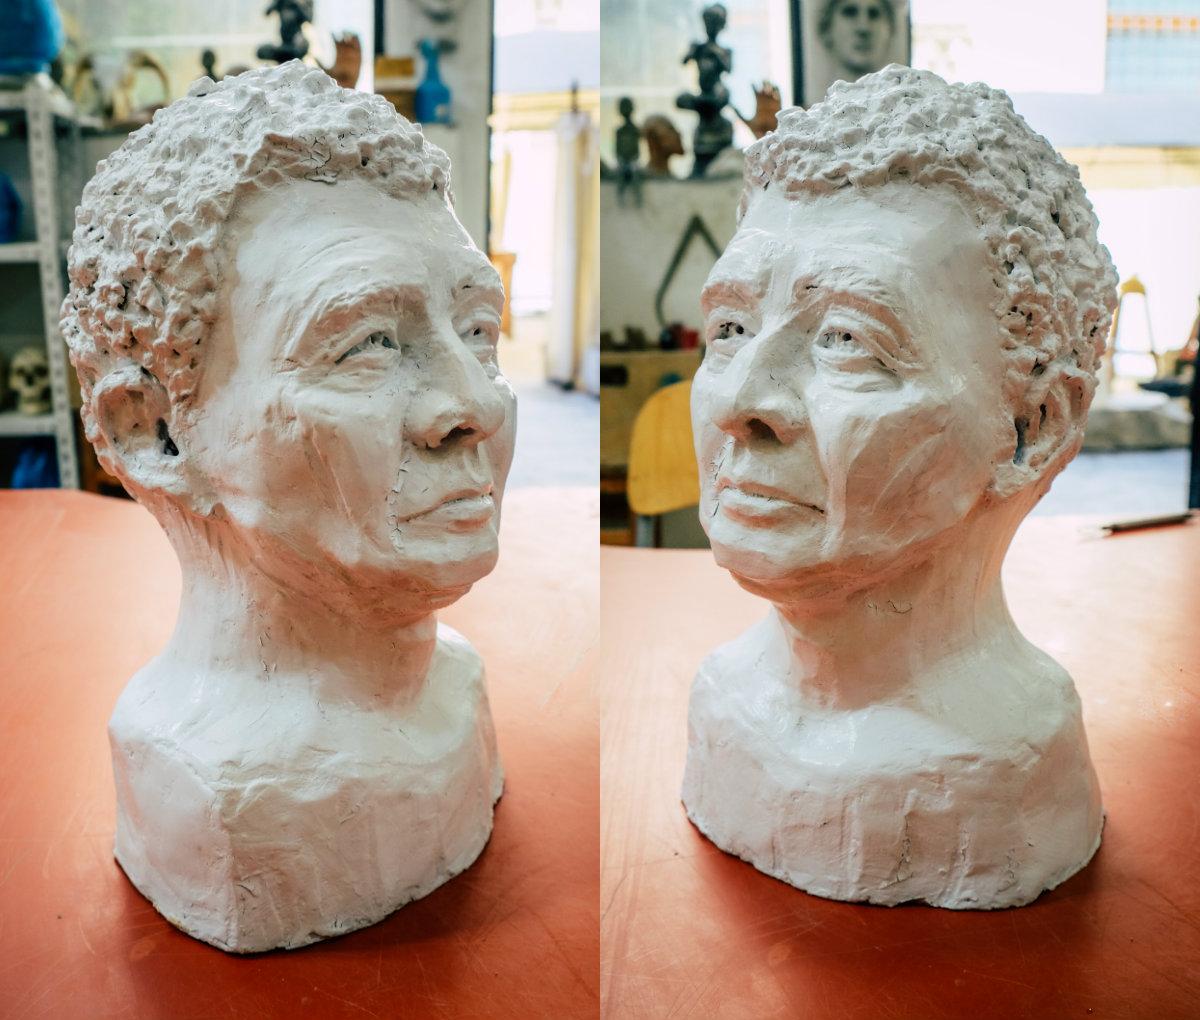 Sculpture of Andreas Fuchs-Martschitz by Milena Krawetz